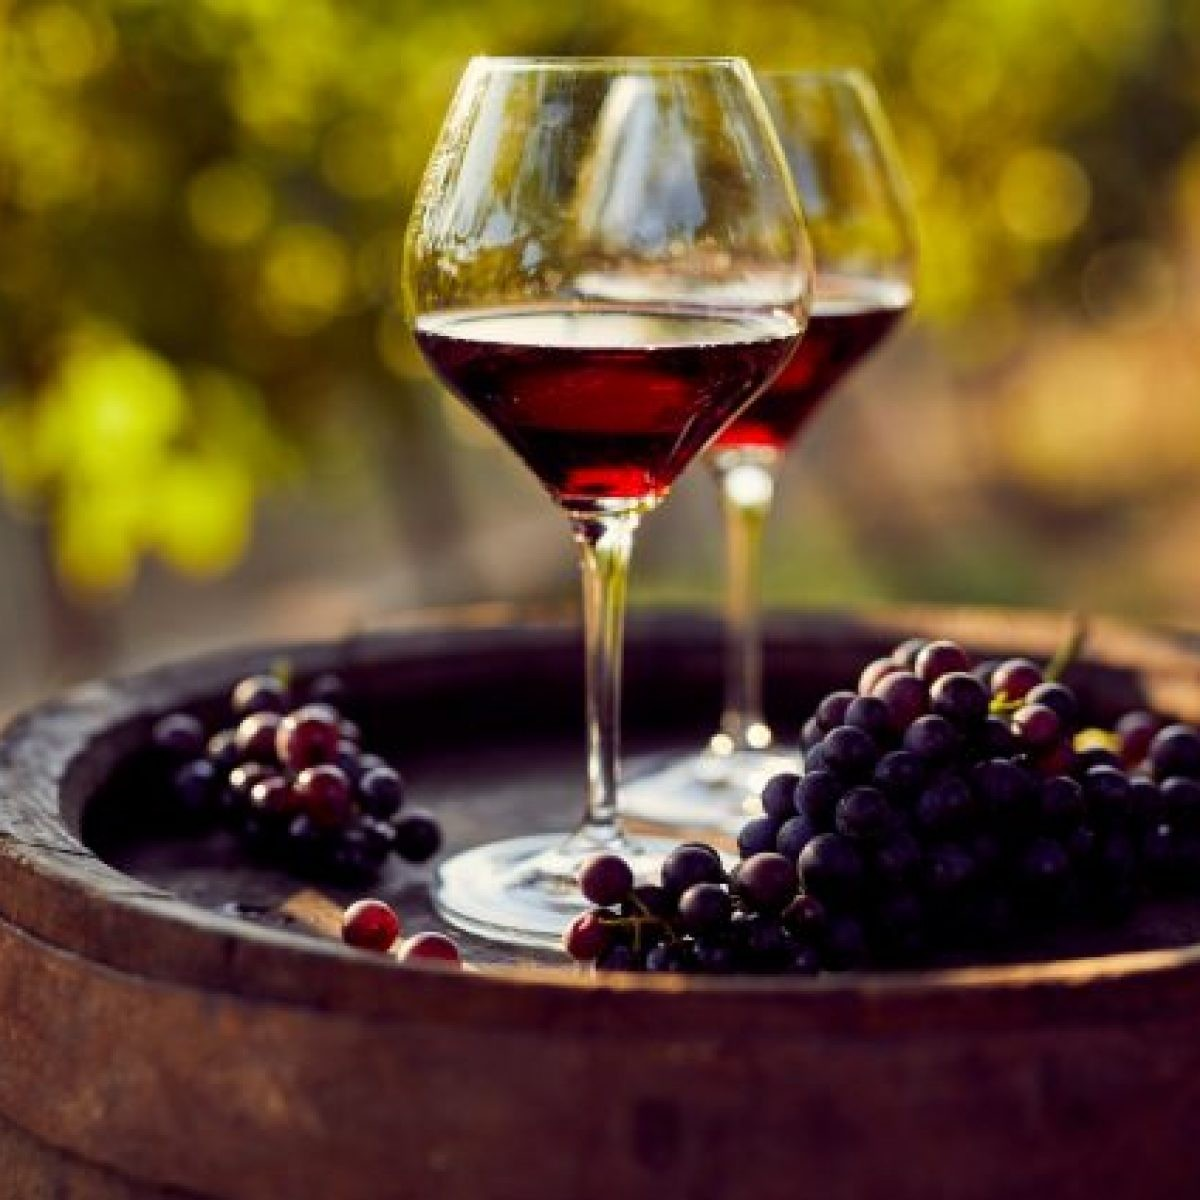 A Sestri Levante! Degustazione di vino con tagliere di formaggio e salumi e visita alla cantina per 2  persone alla Cantina degli Abissi